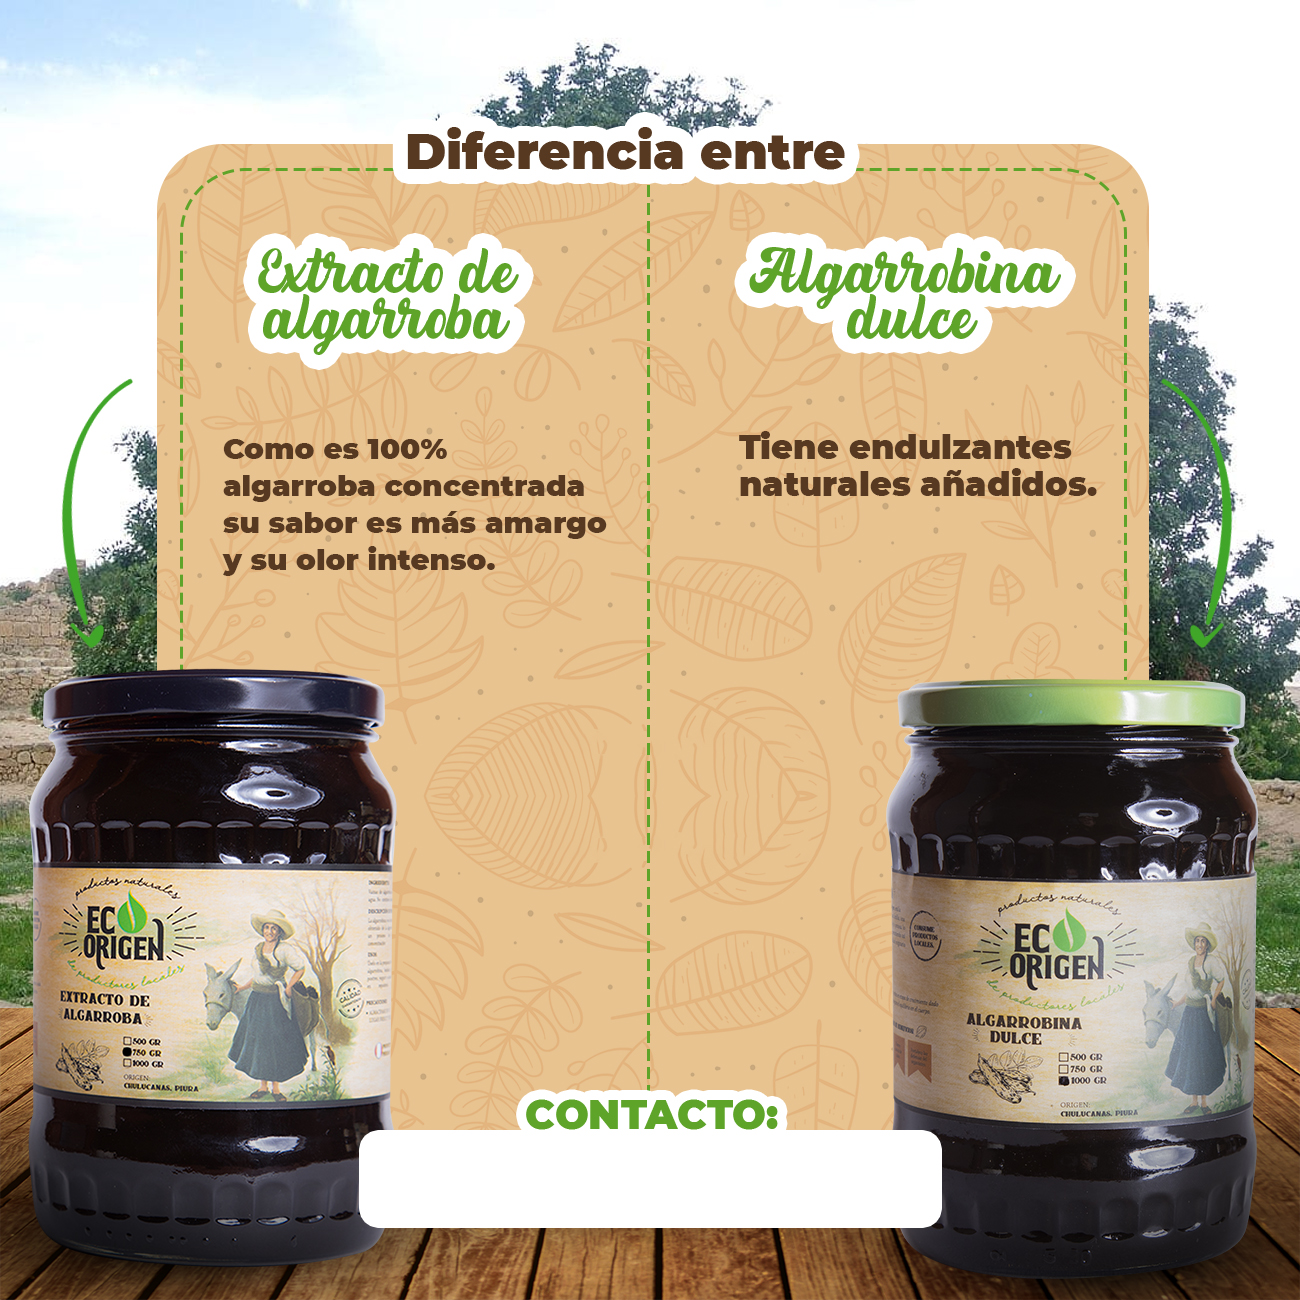 Diferencia entre Extracto de algarroba y Algarrobina dulce